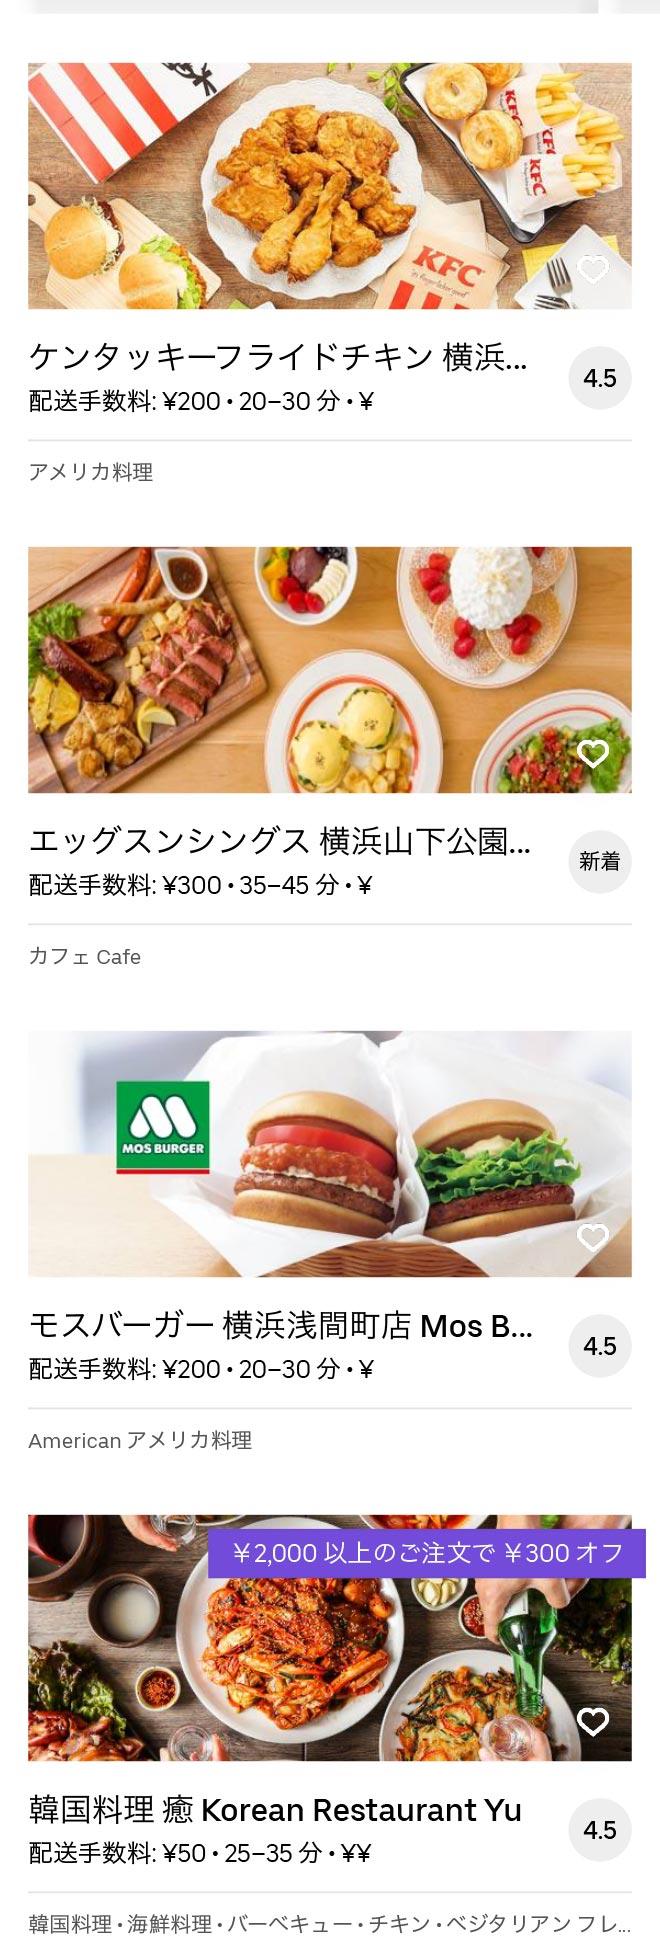 Yokohama takashima menu 2004 02